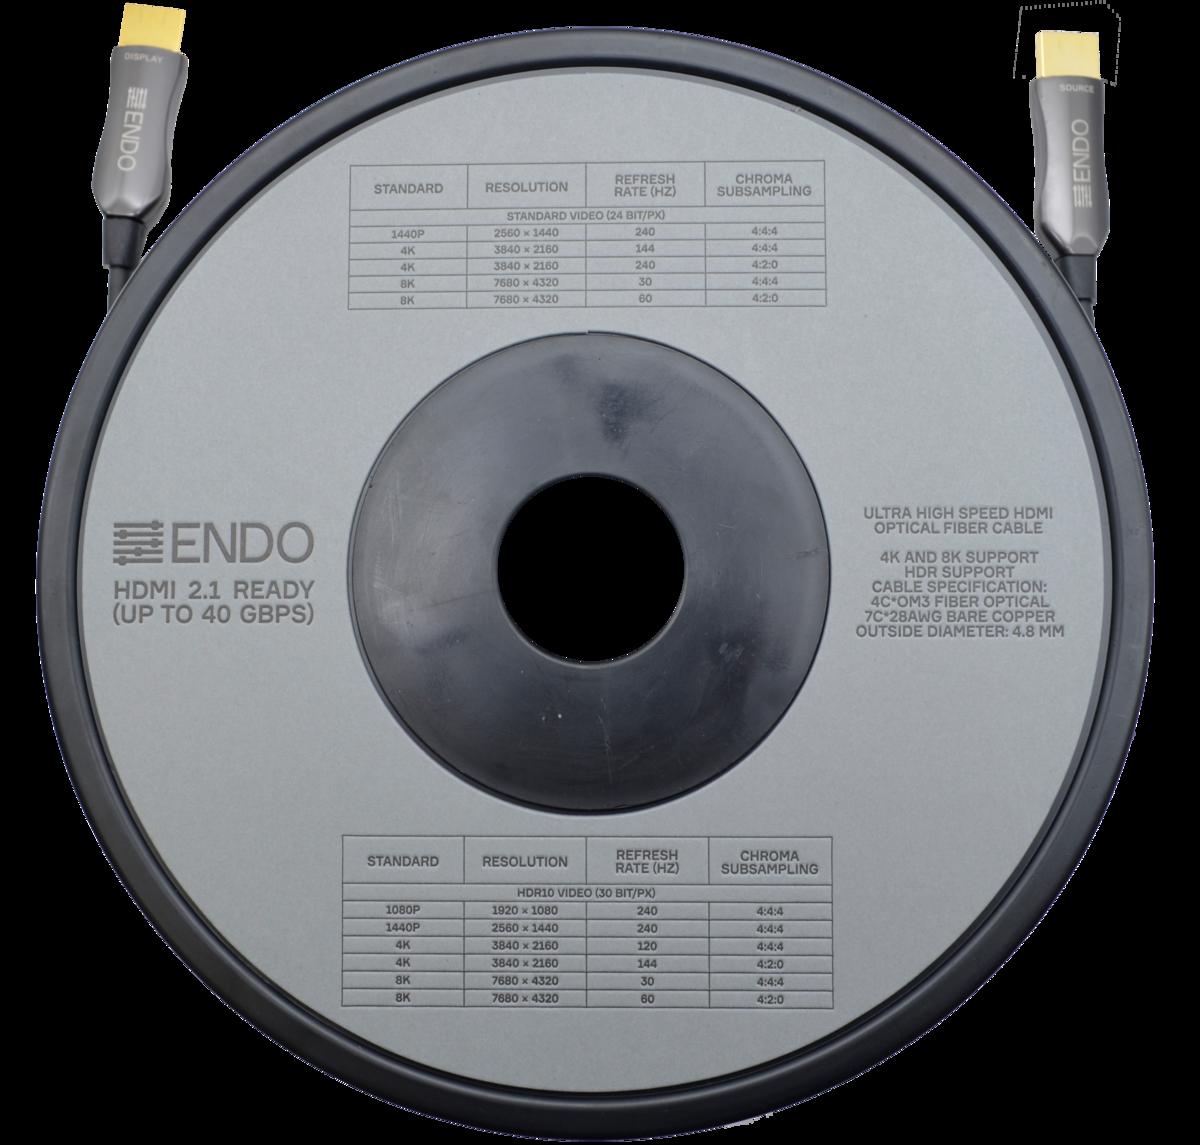 ENDO Inspiration Optical fiber micro 2.1 READY